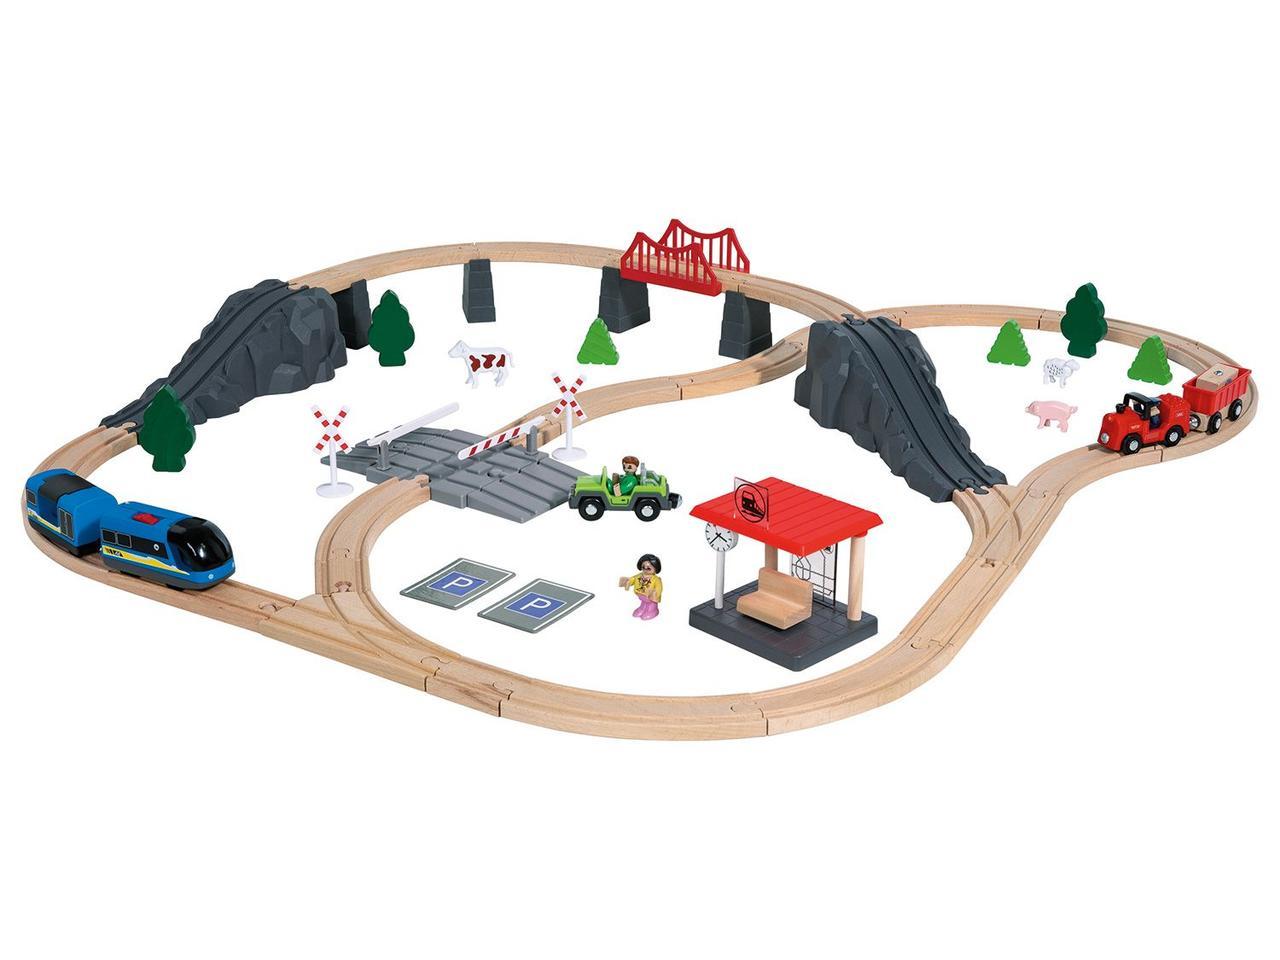 Дерев'яна залізниця PlayTive Junior 72 деталі Німеччина